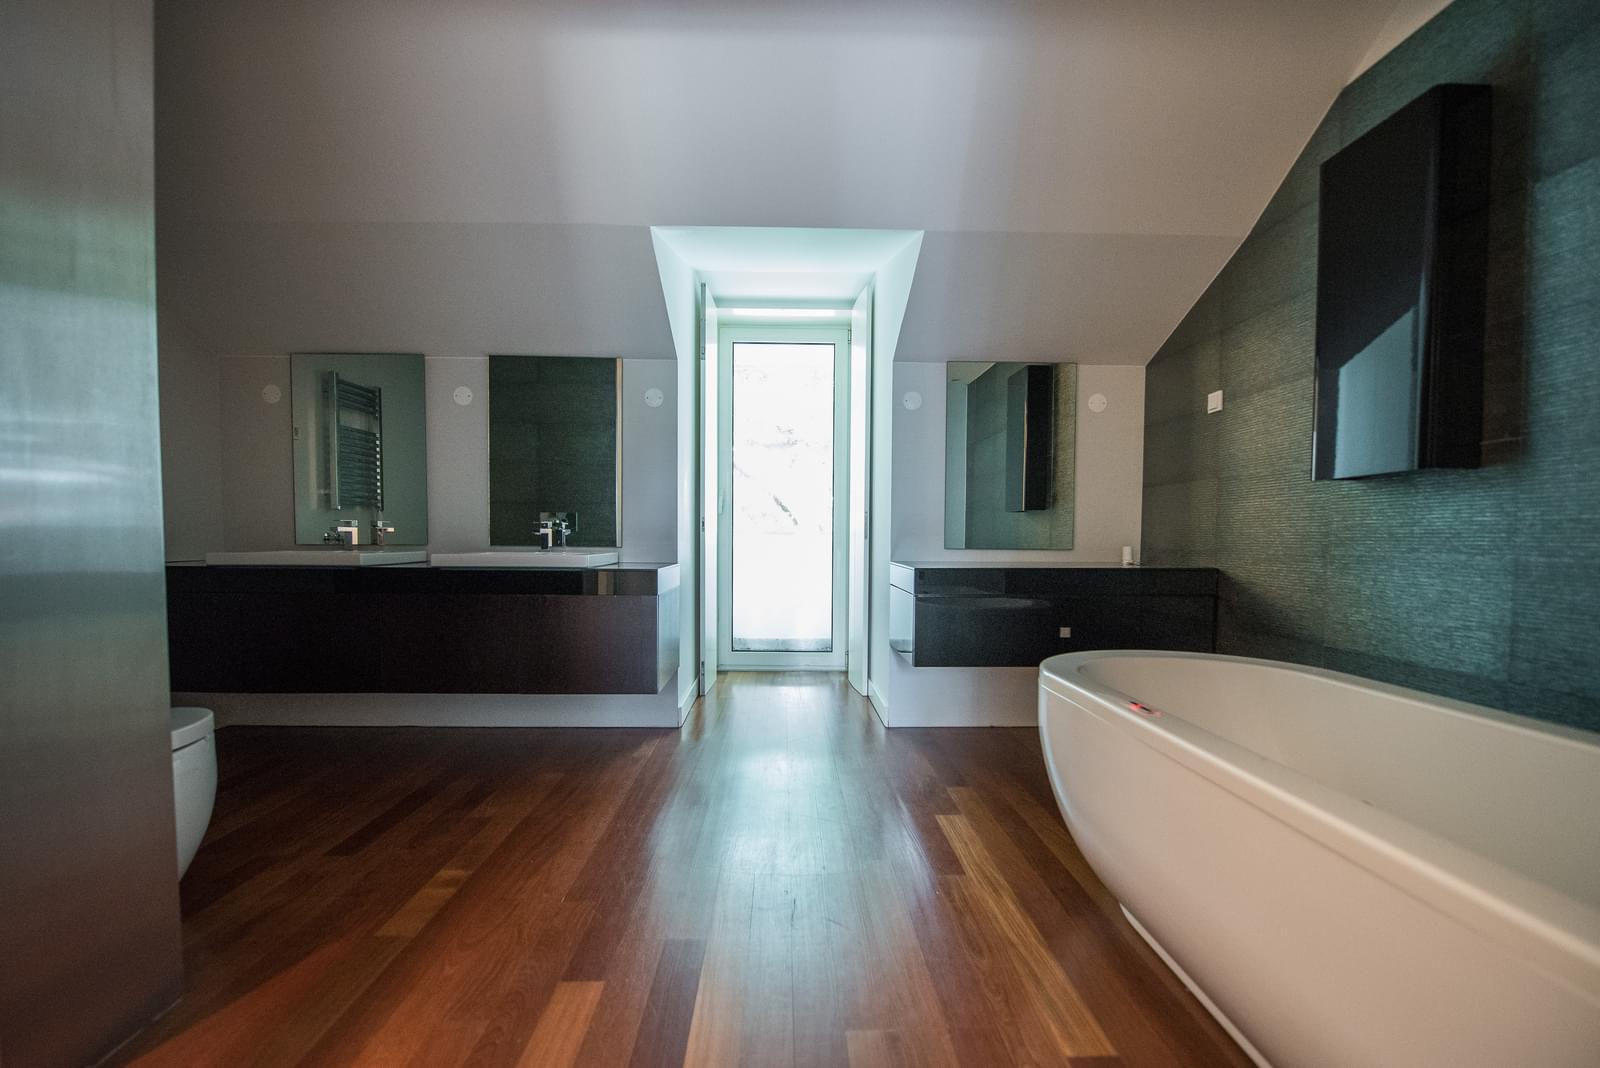 pf19211-apartamento-t4-lisboa-59daac90-266b-4ae8-8a65-c7bd705ca0e4